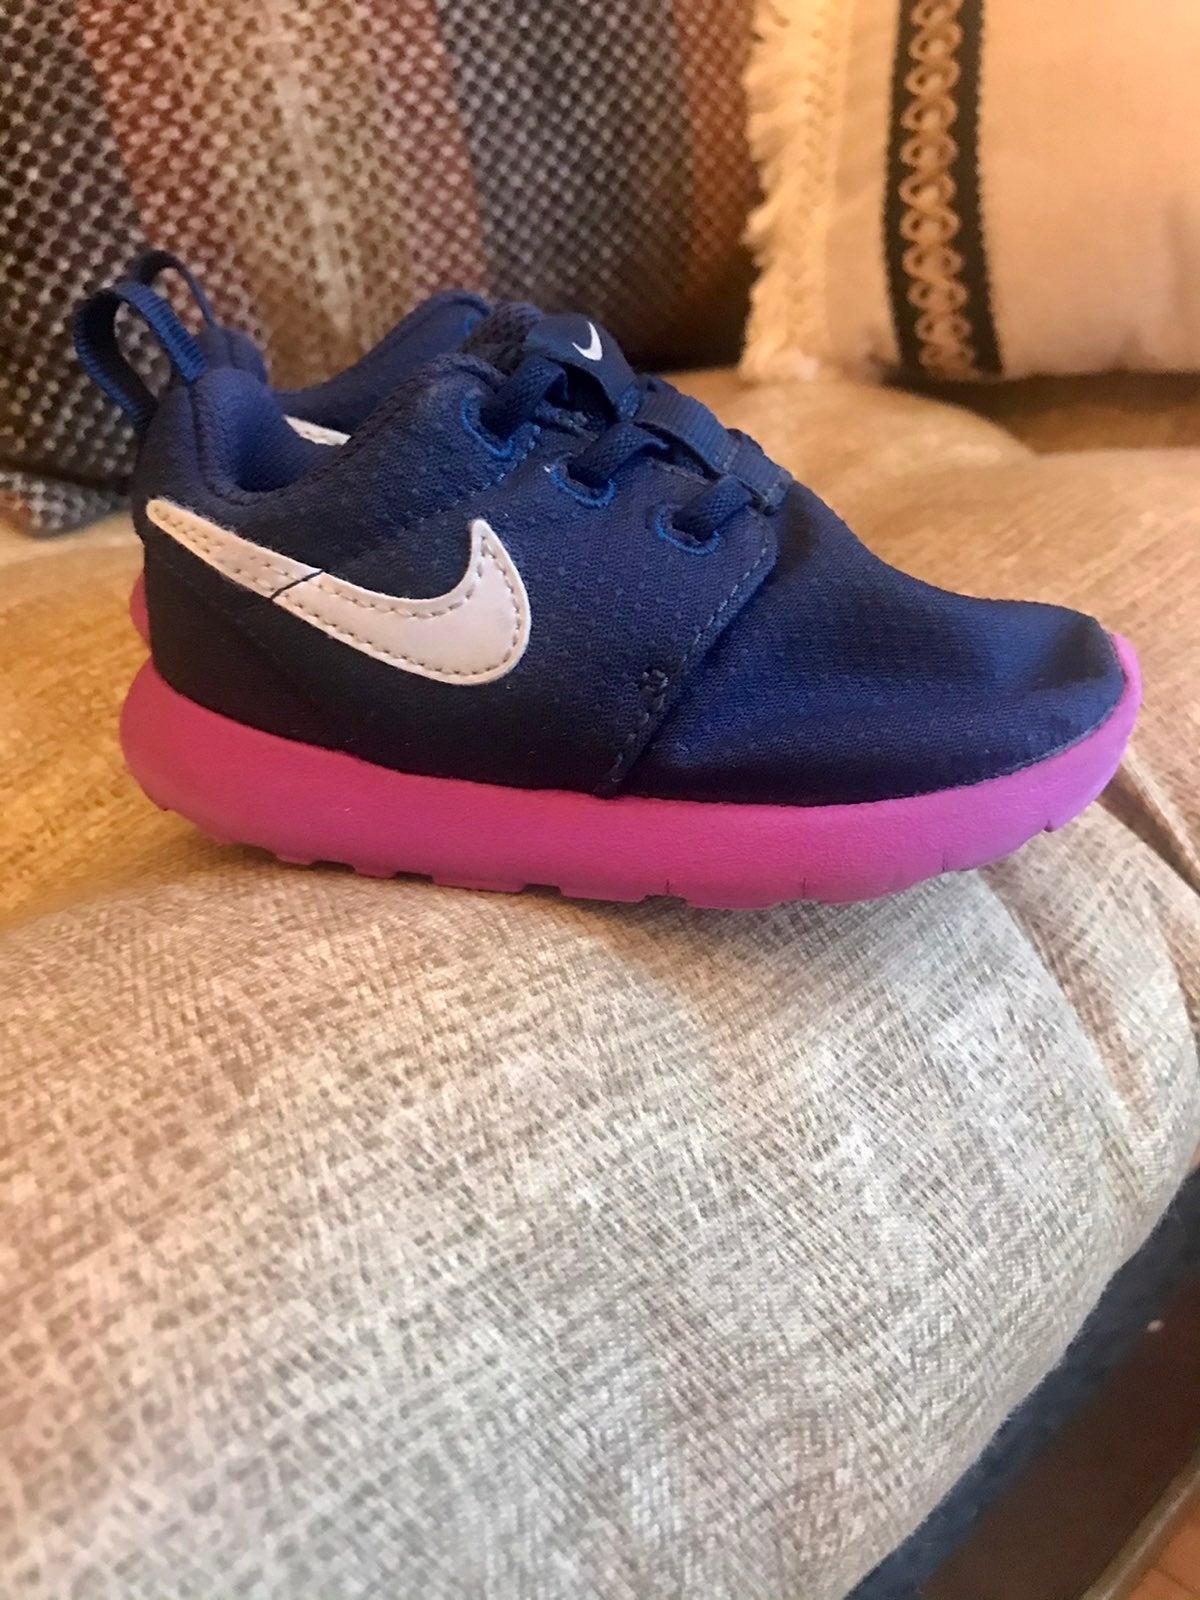 Toddler Nike Roshe size 6